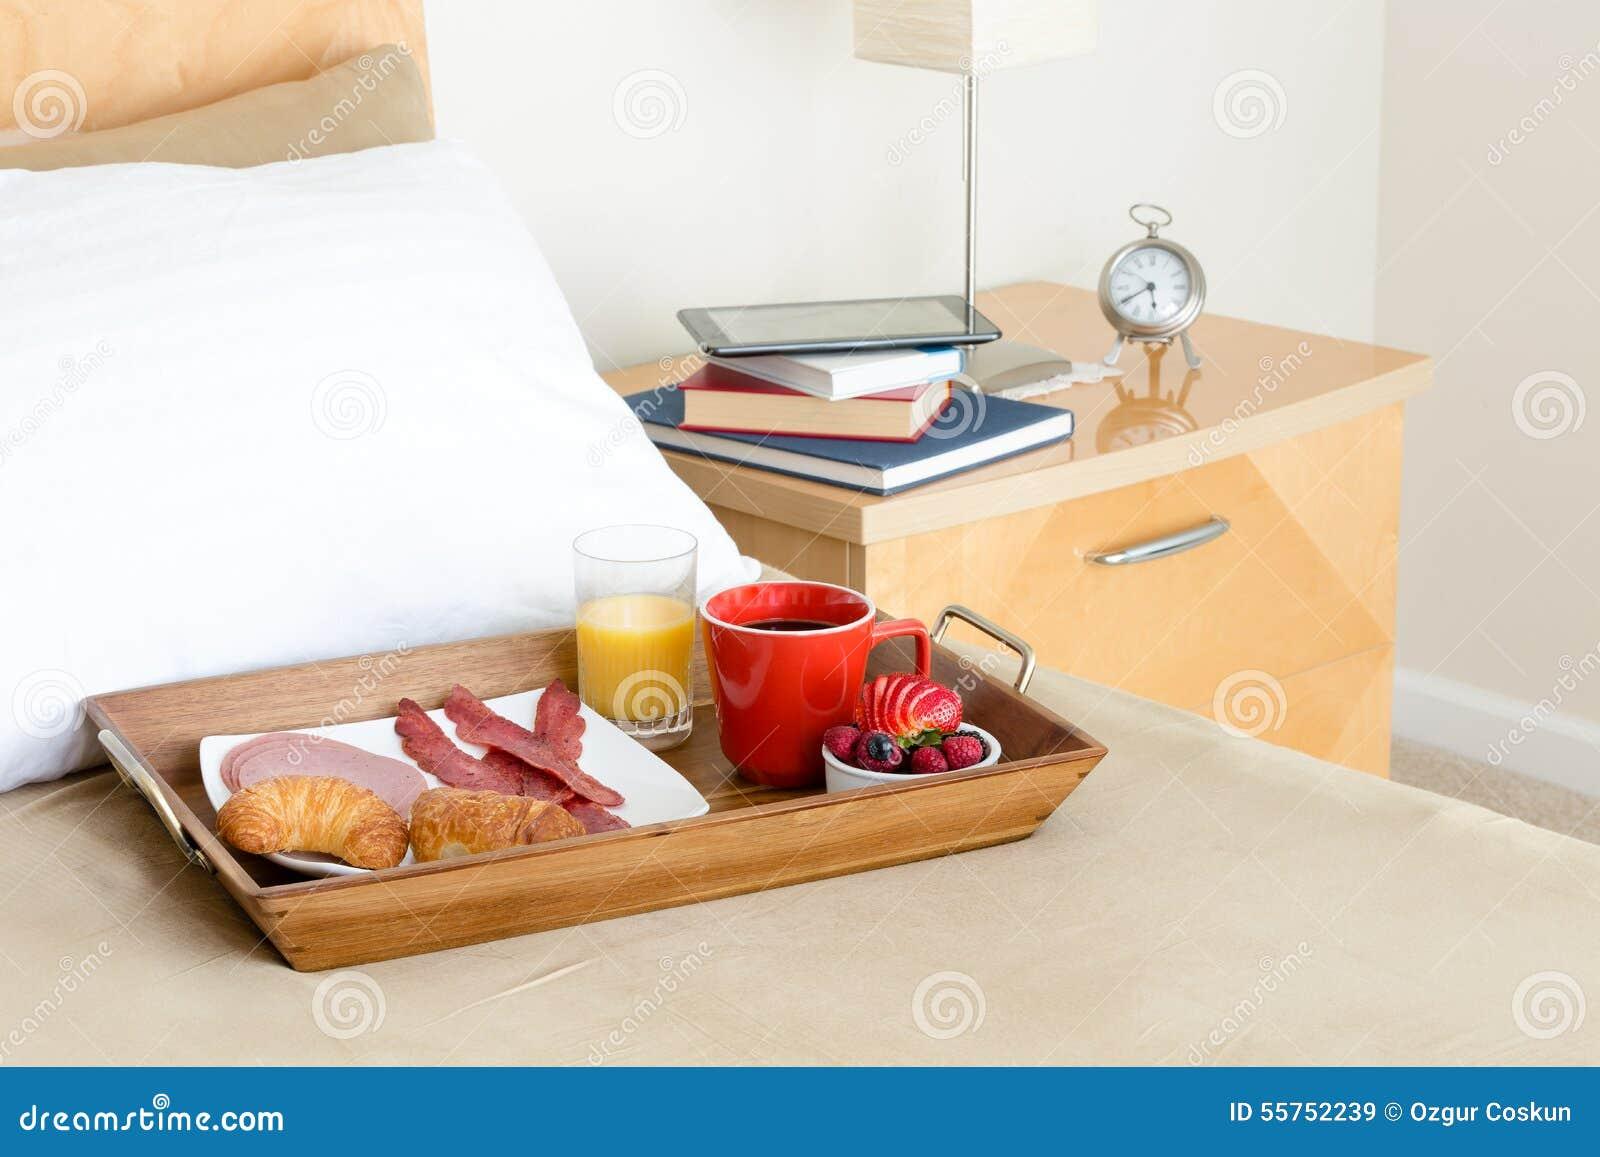 Vassoio colazione letto best tavolino vassoio per la - Colazione al letto ...